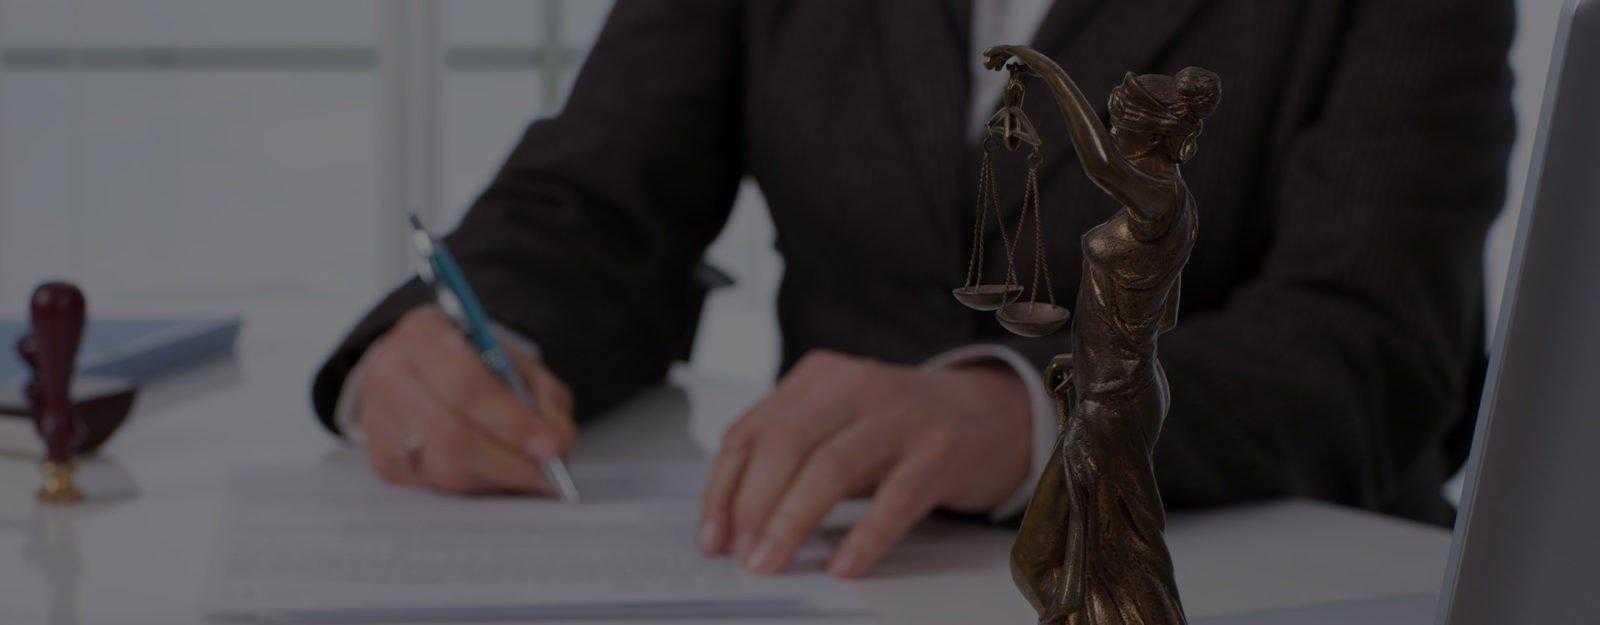 отдельные профессиональные юридические услуги